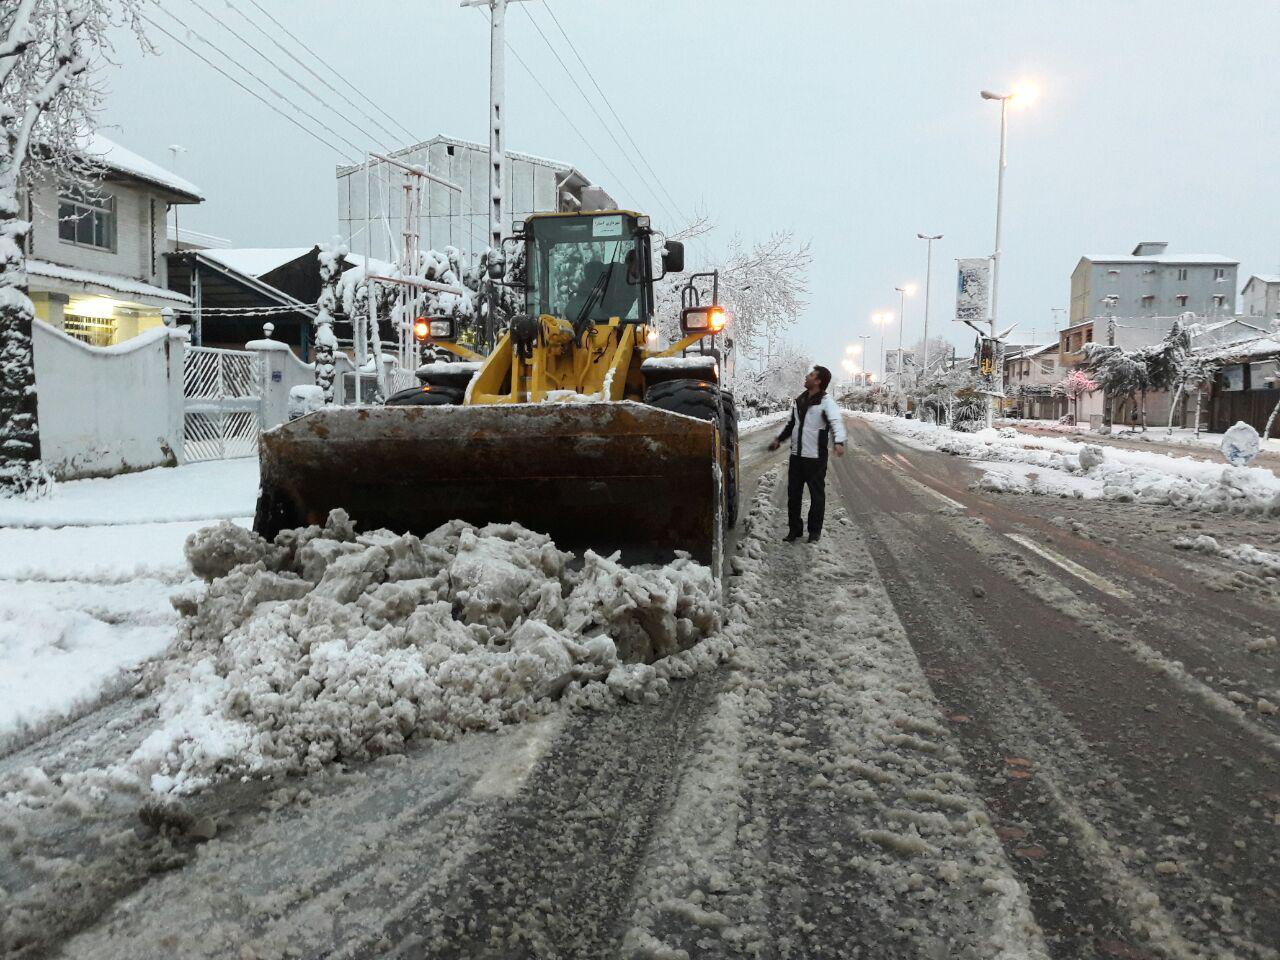 برف روبی معابر اصلی و پر تردد اولویت ستاد برف روبی شهرداری دماوند